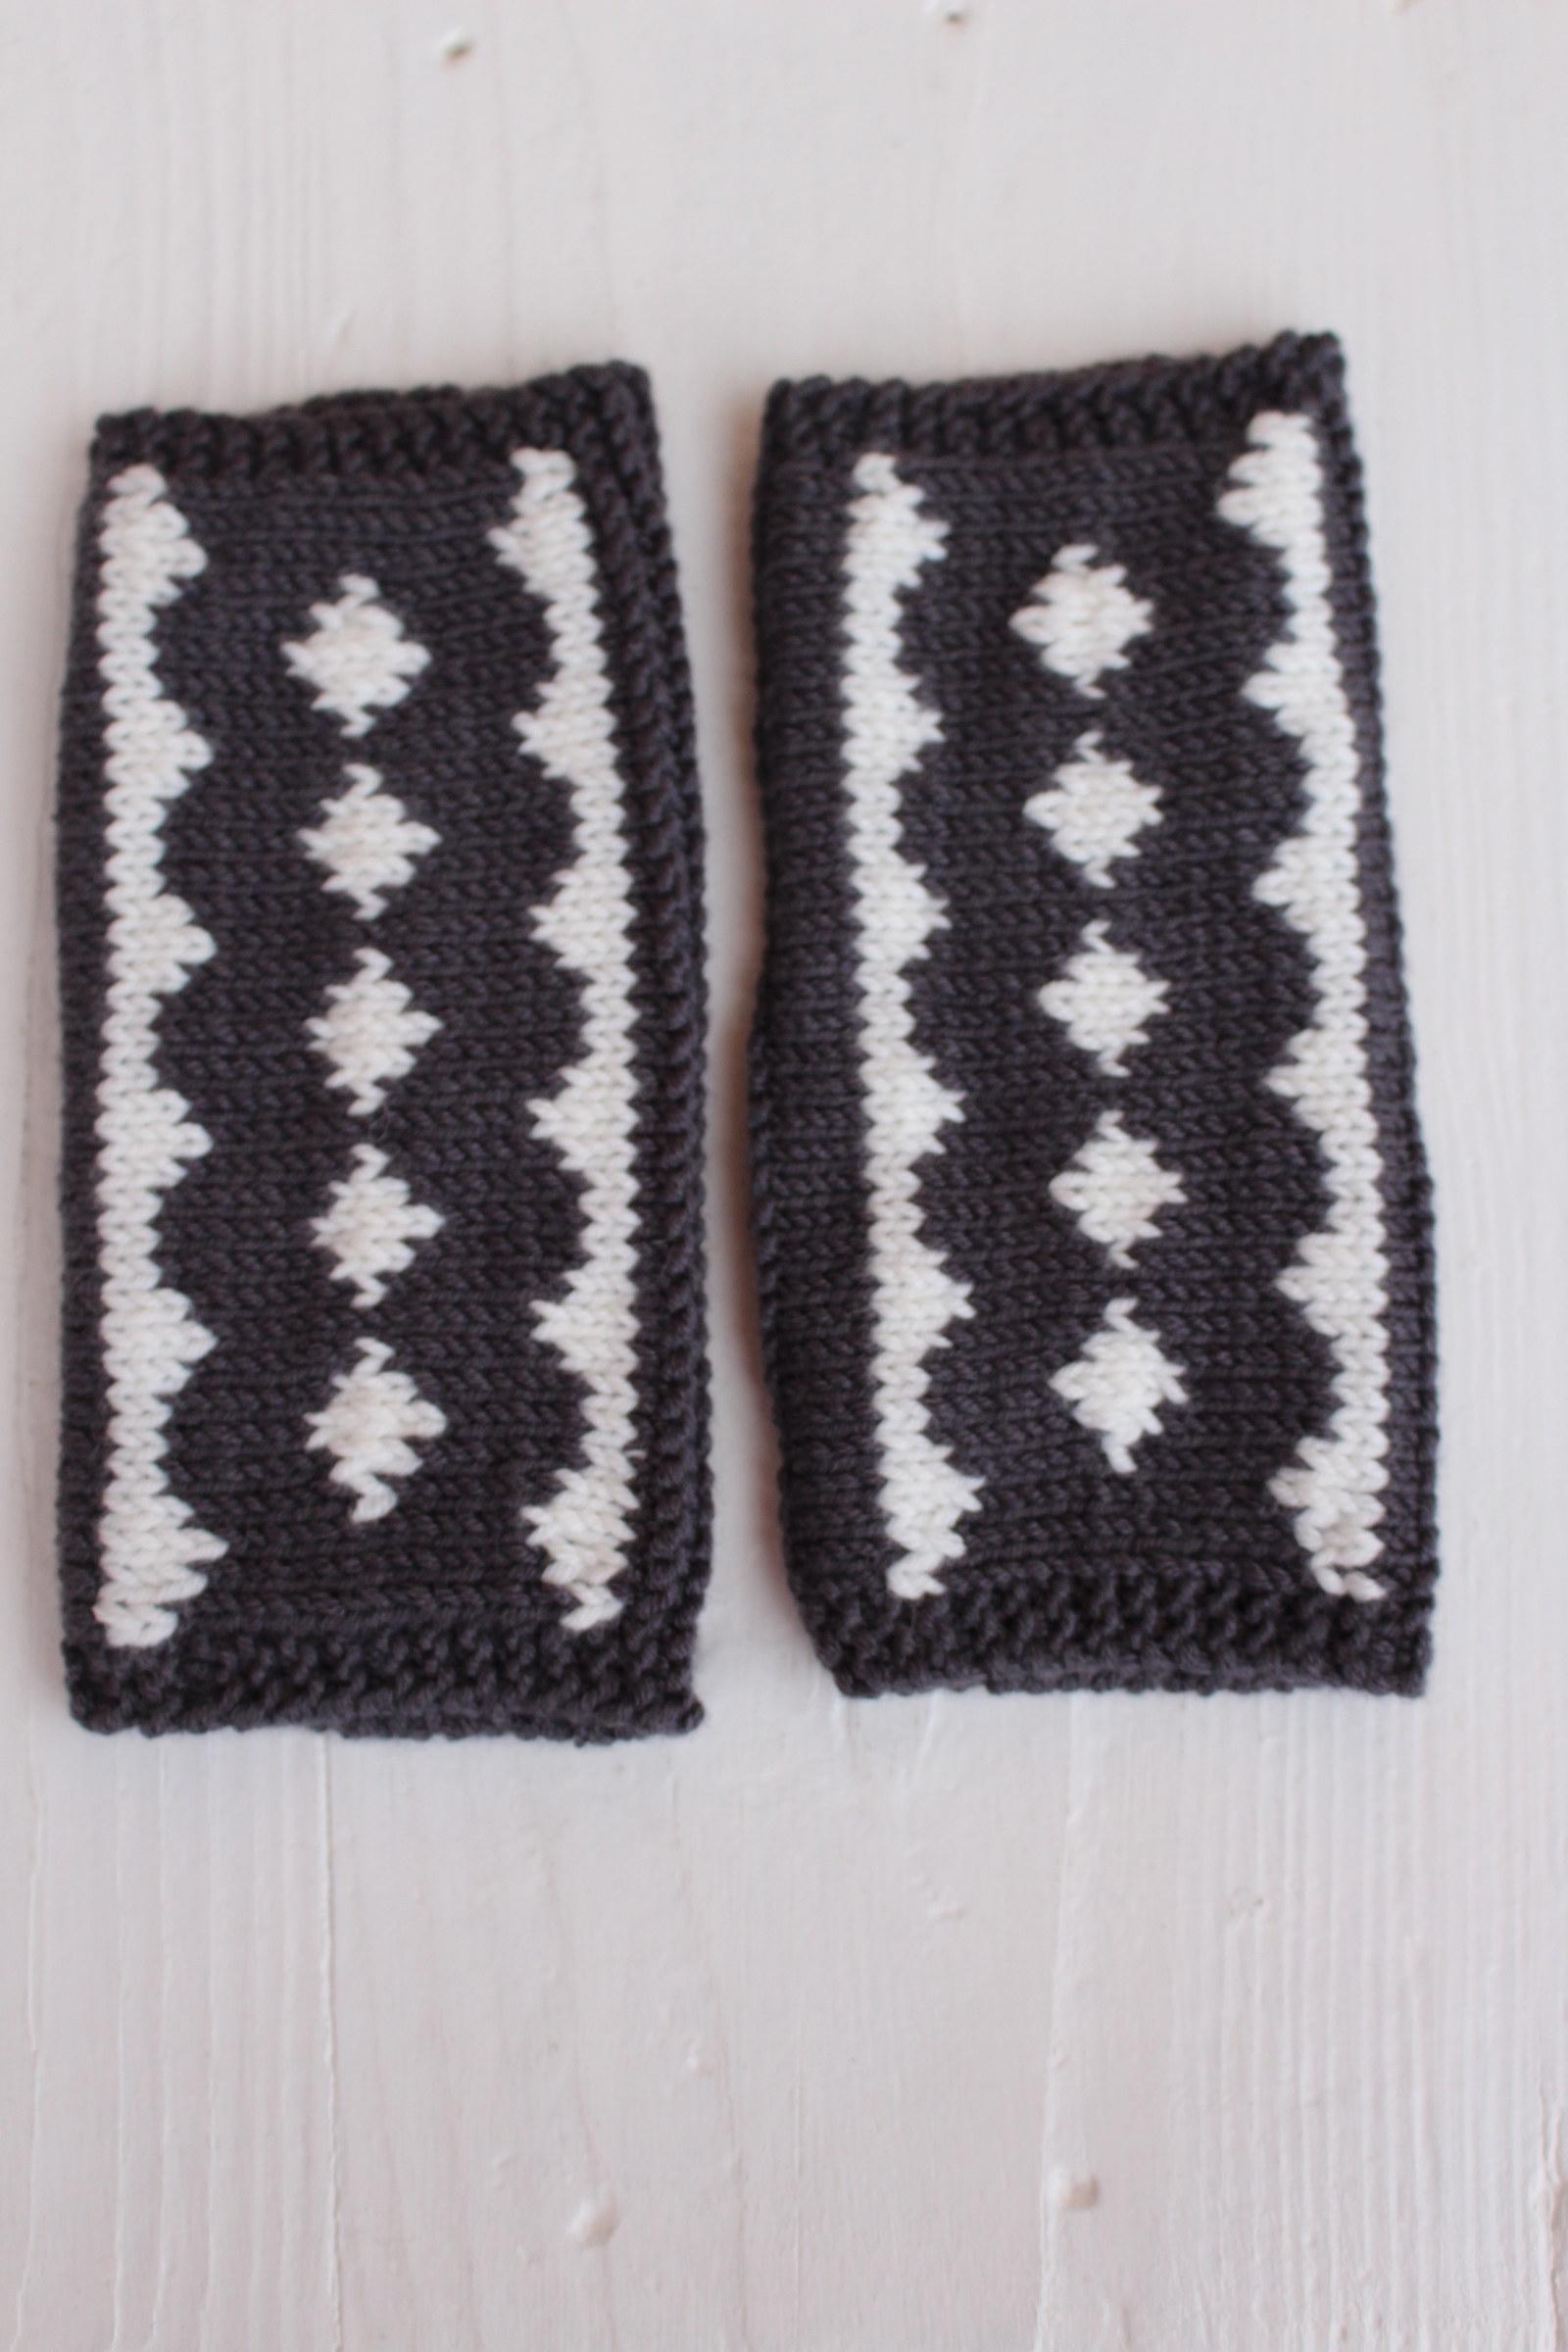 c14697292ea Norské návleky na ruce - tmavé   Zboží prodejce ruční pletení